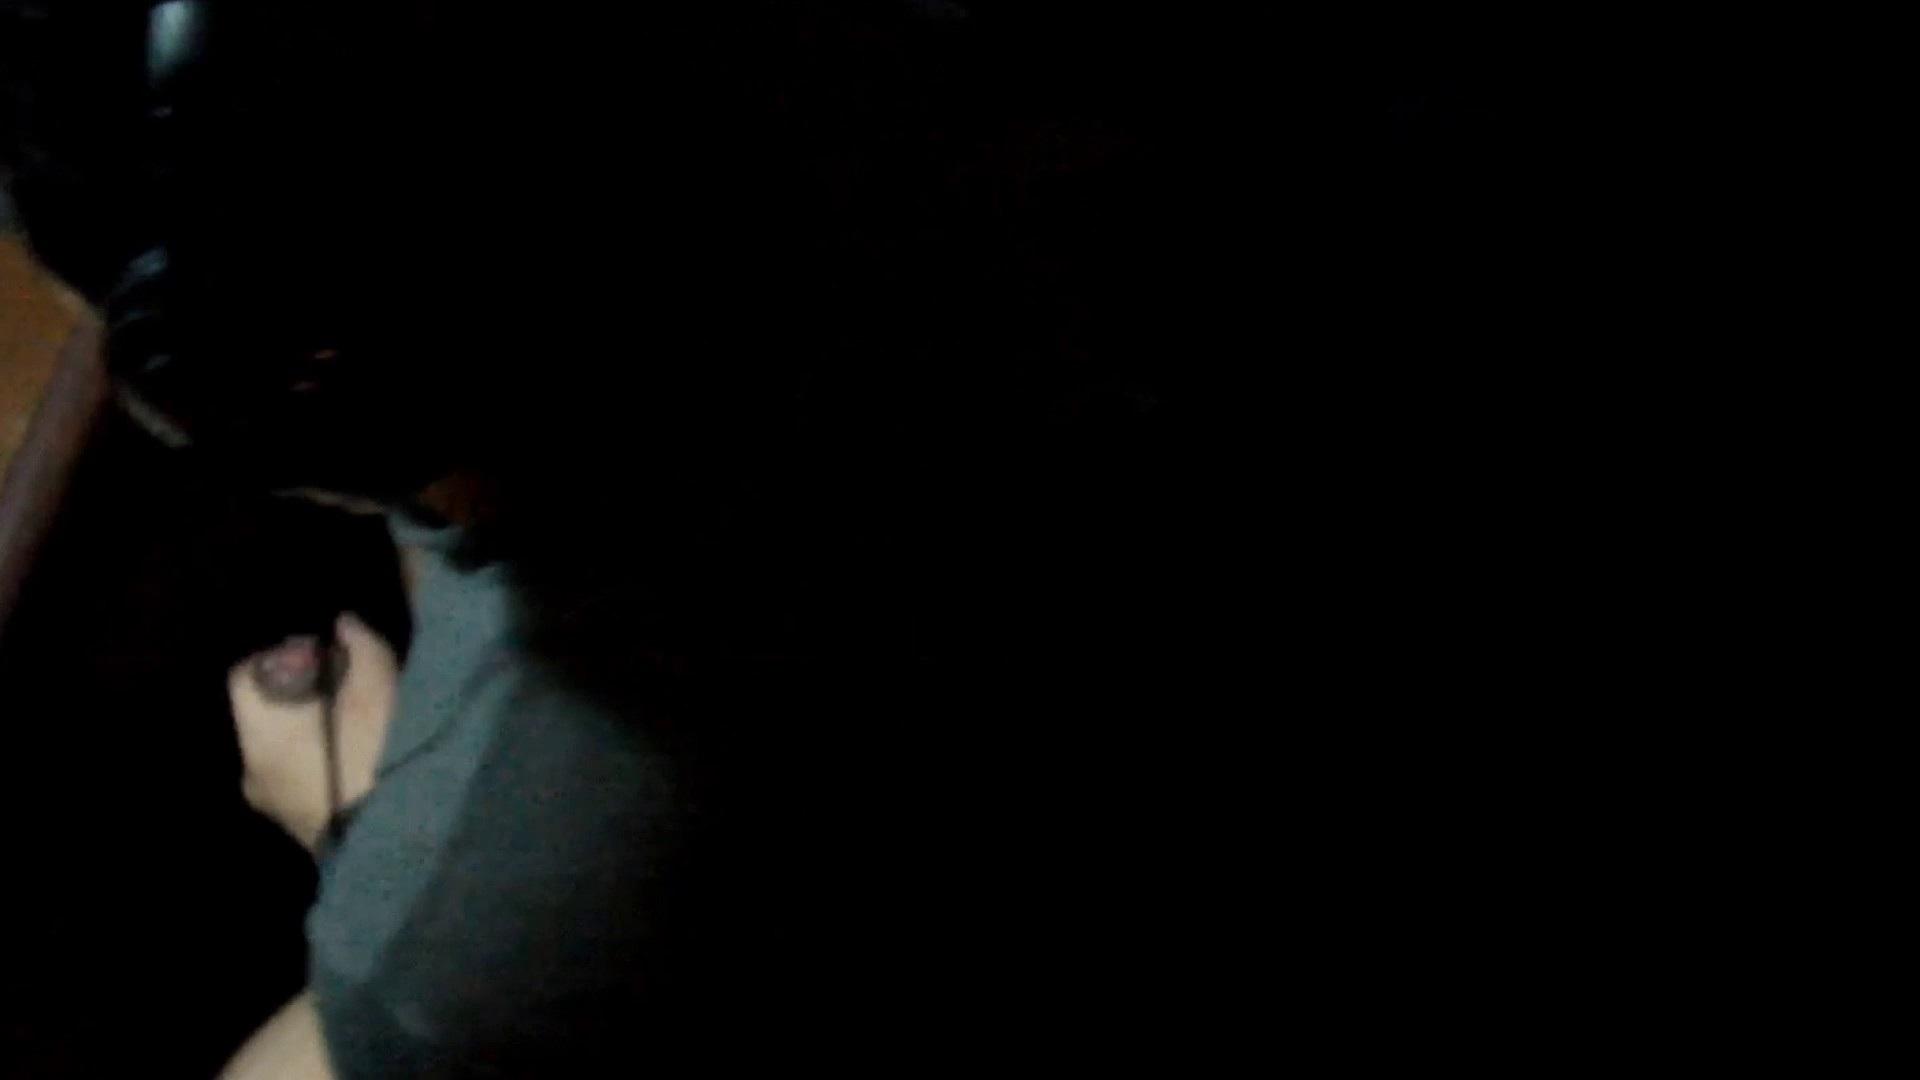 巨根 オナニー塾Vol.31 モ無し | オナニー エロビデオ紹介 12連発 9